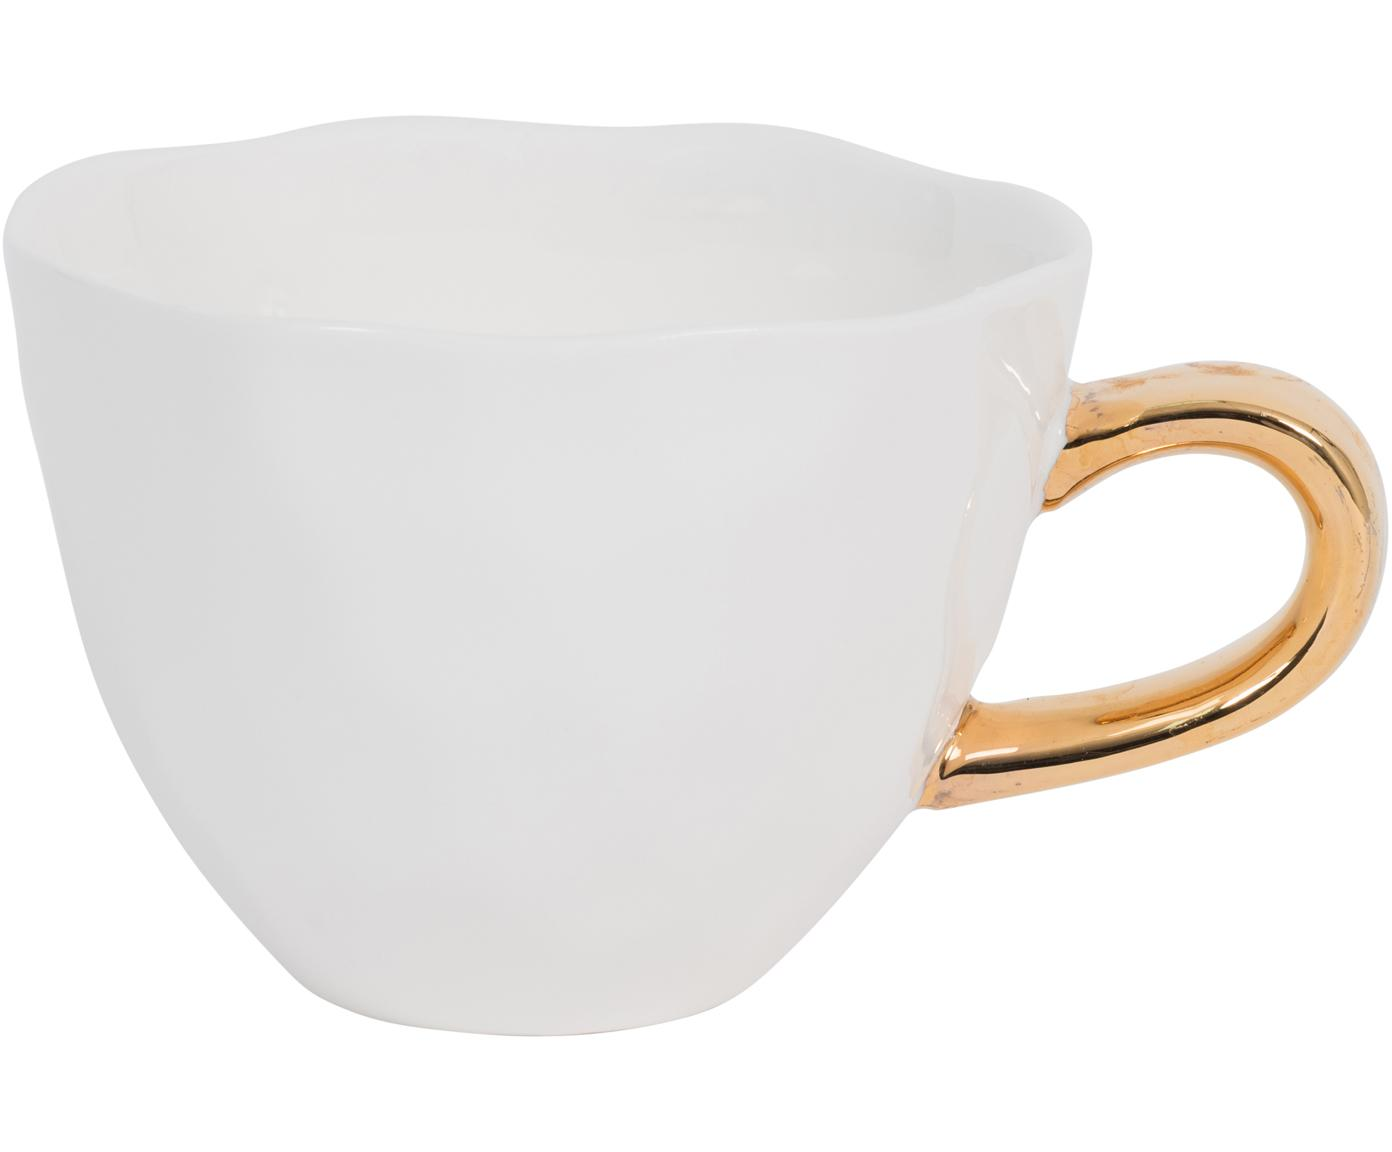 Taza de café Good Morning, Gres, Blanco, dorado, Ø 11 x Al 8 cm